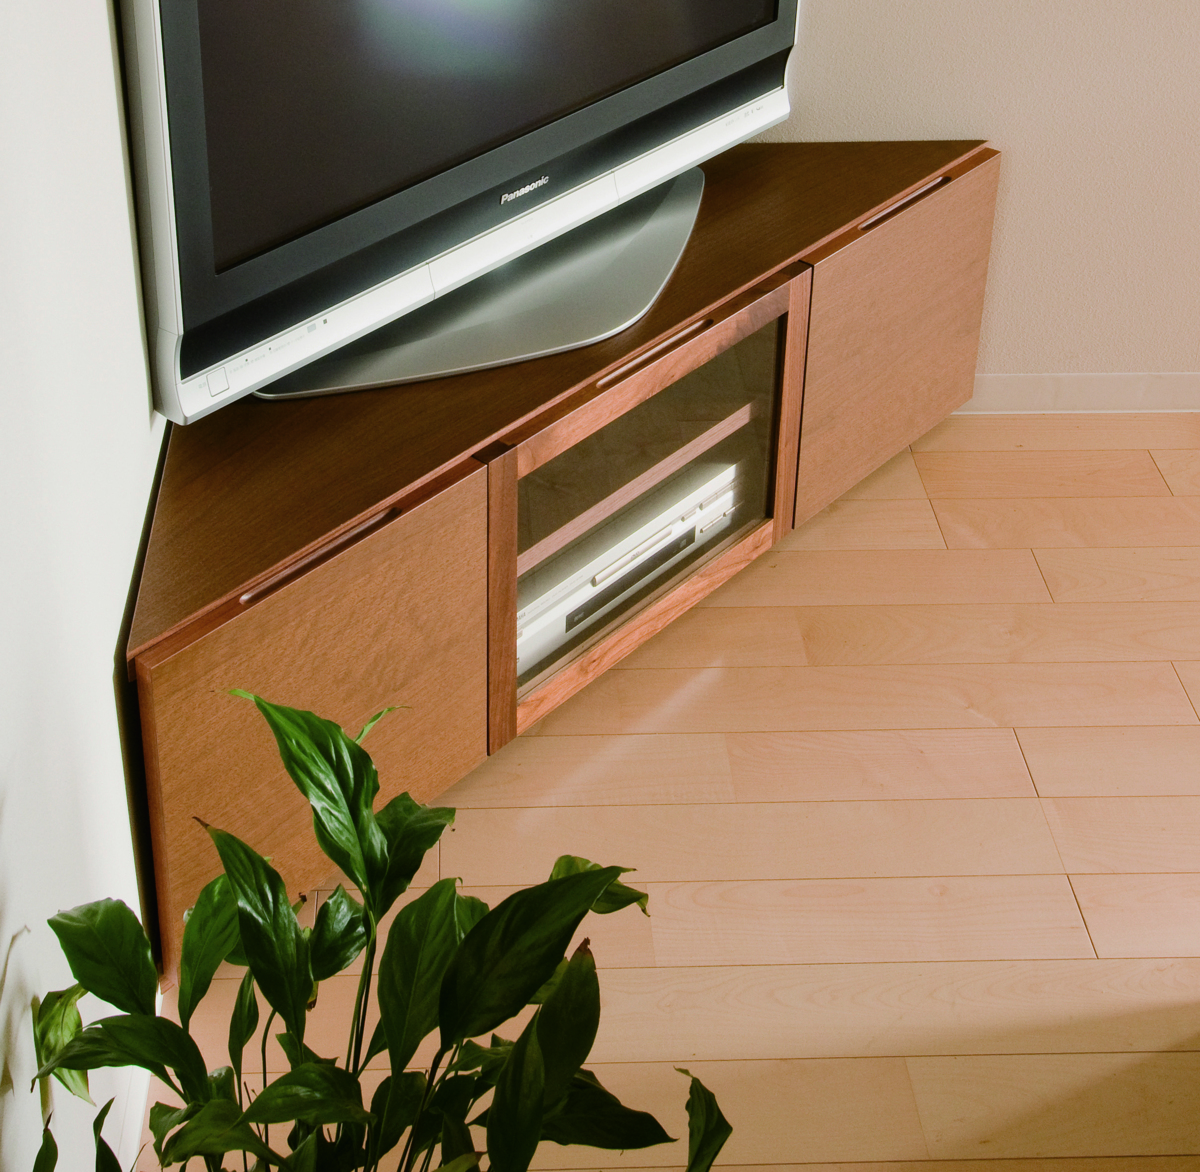 コーナーTVボード 130 テレビボード テレビ台 TV台 角 三角 三角形 ウォールナット シンプル